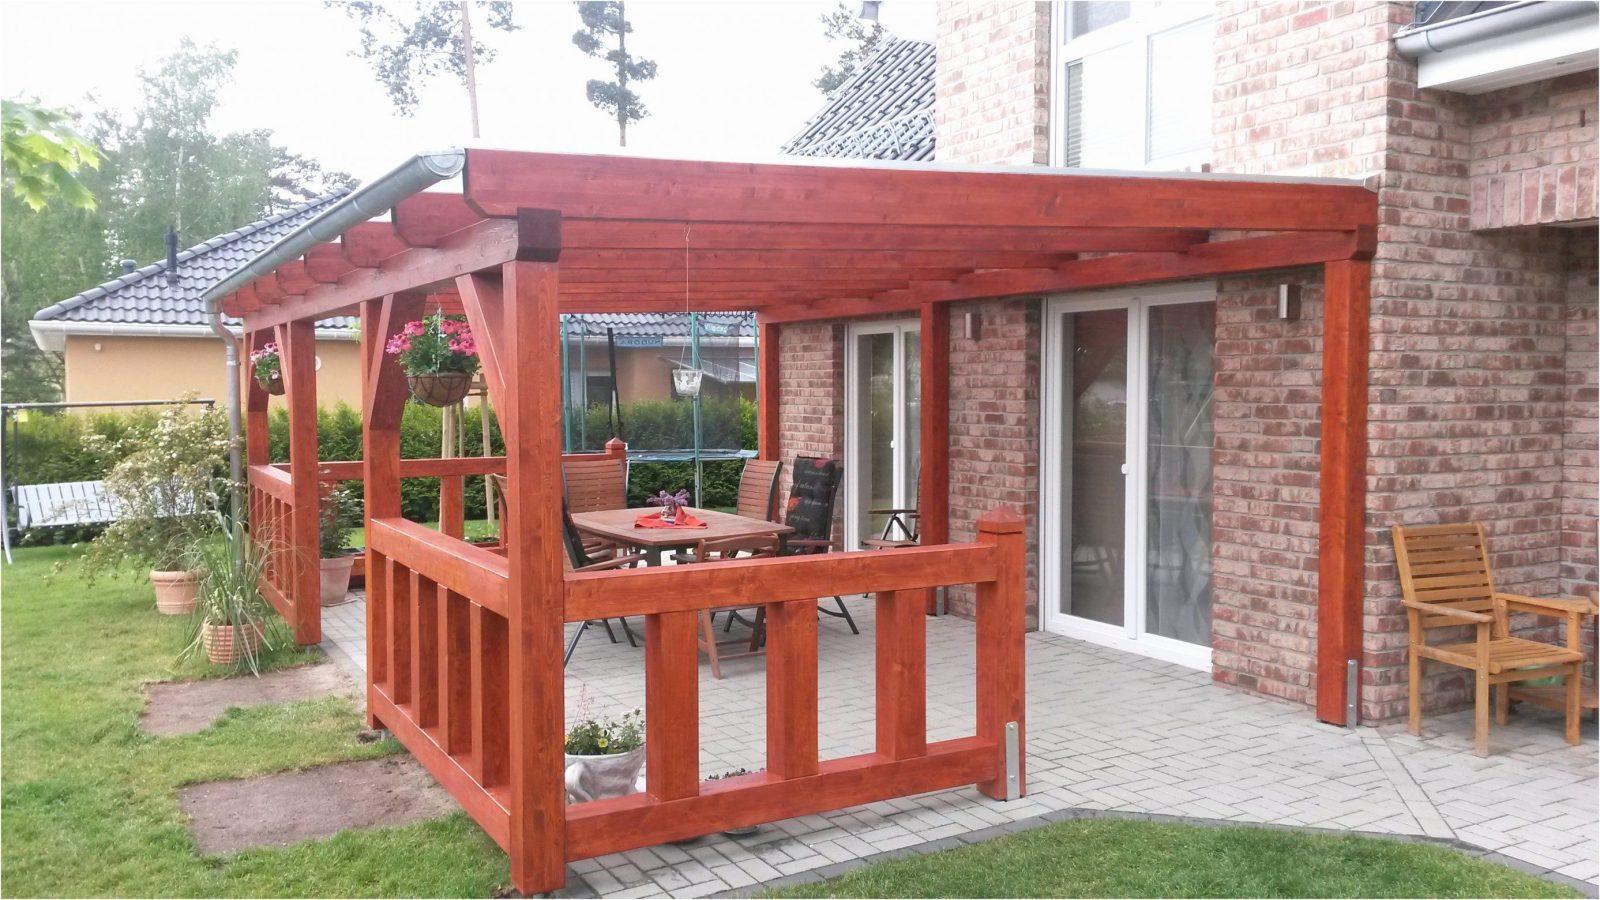 Terrassenüberdachung Freistehend Holz Selber Bauen Frisch von Terrassenüberdachung Freistehend Selber Bauen Bild